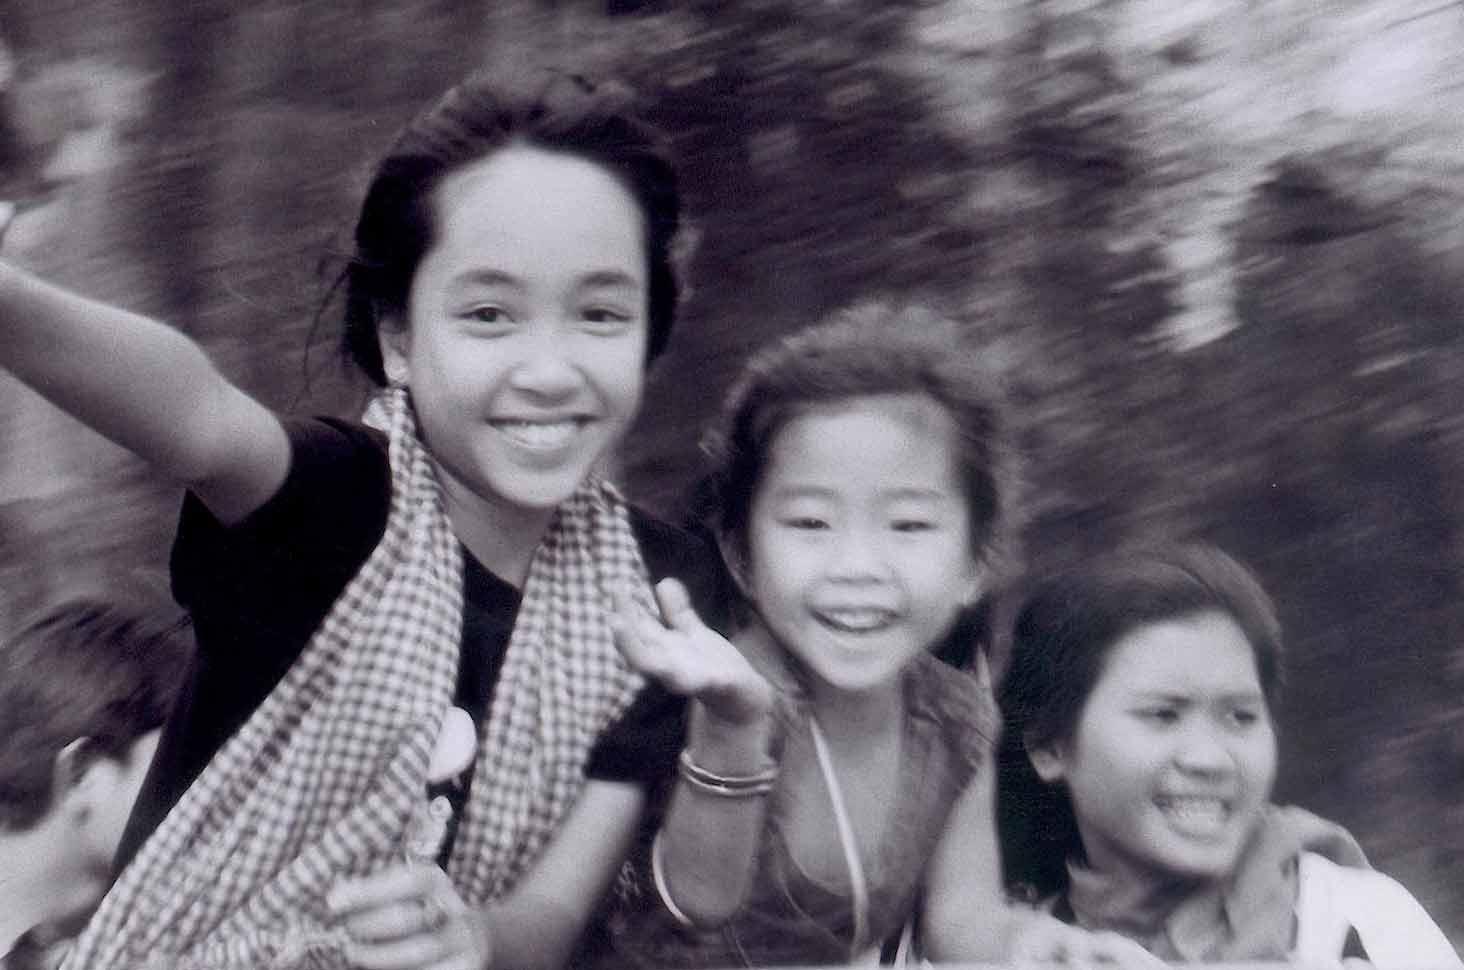 Asiatiques du sud-est QI intelligence